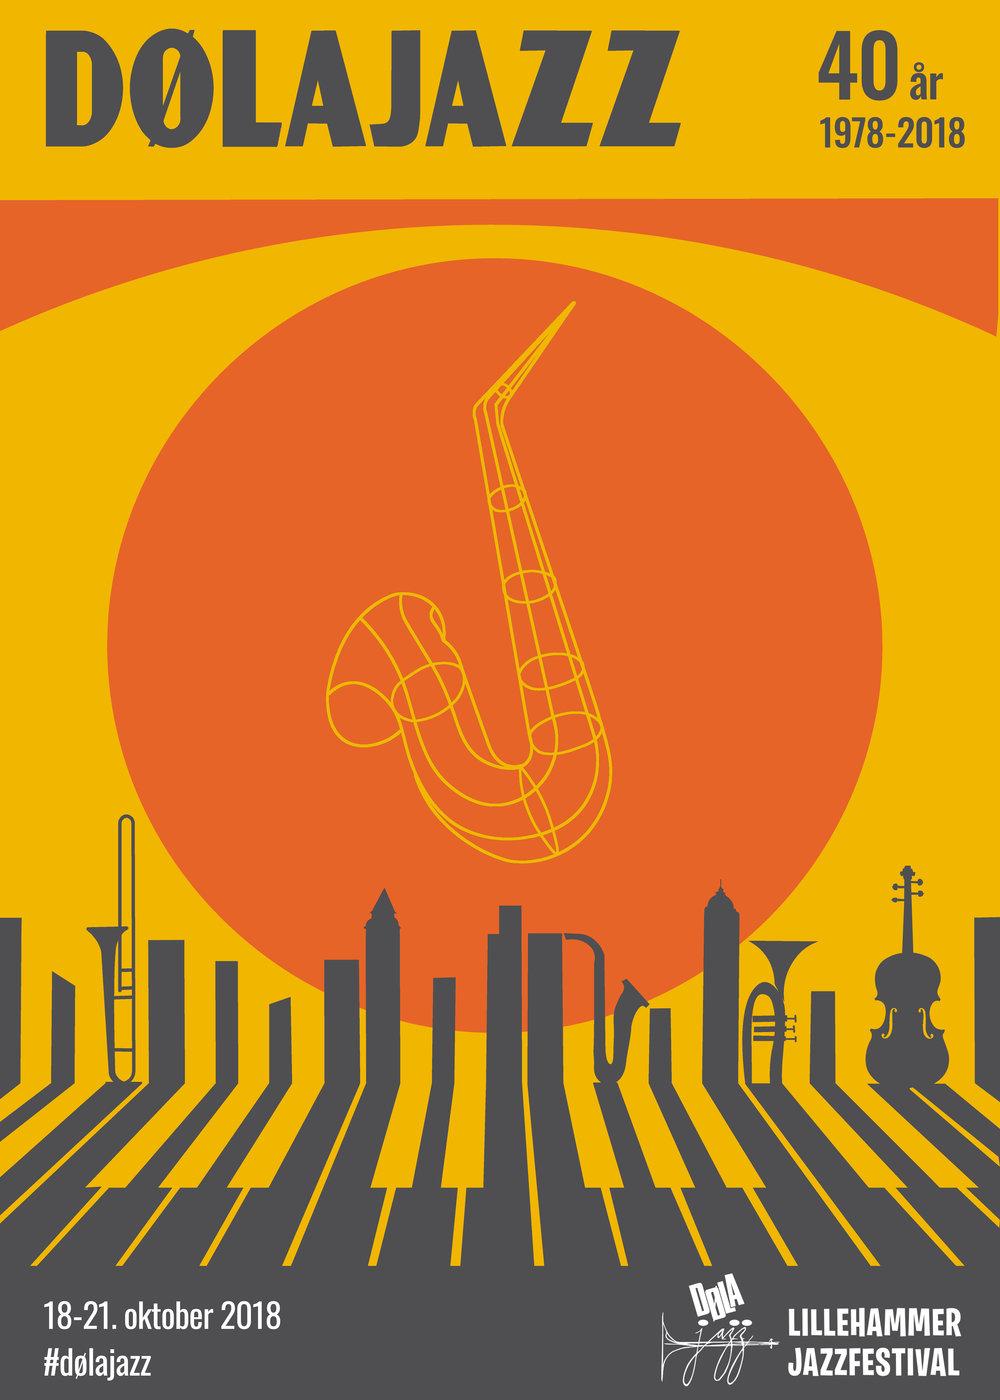 Dølajazz 2018 - den offisielle festivalplakaten. Utformet av Frakat